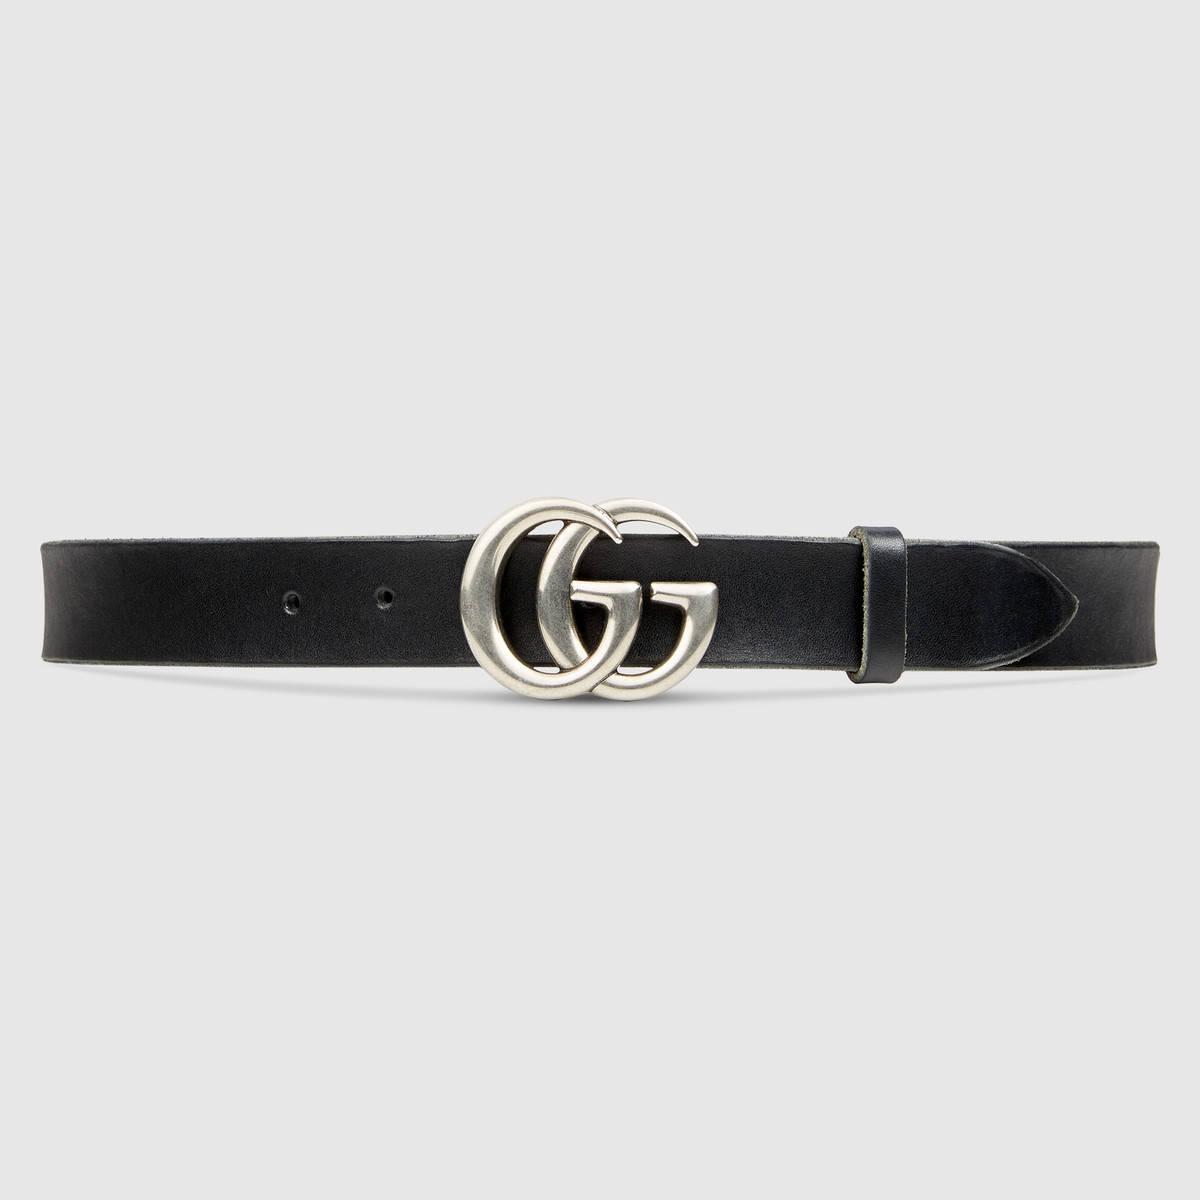 414516_CVE0N_1000_001_100_0000_Light-Leather-belt-with-Double-G-buckle.jpg